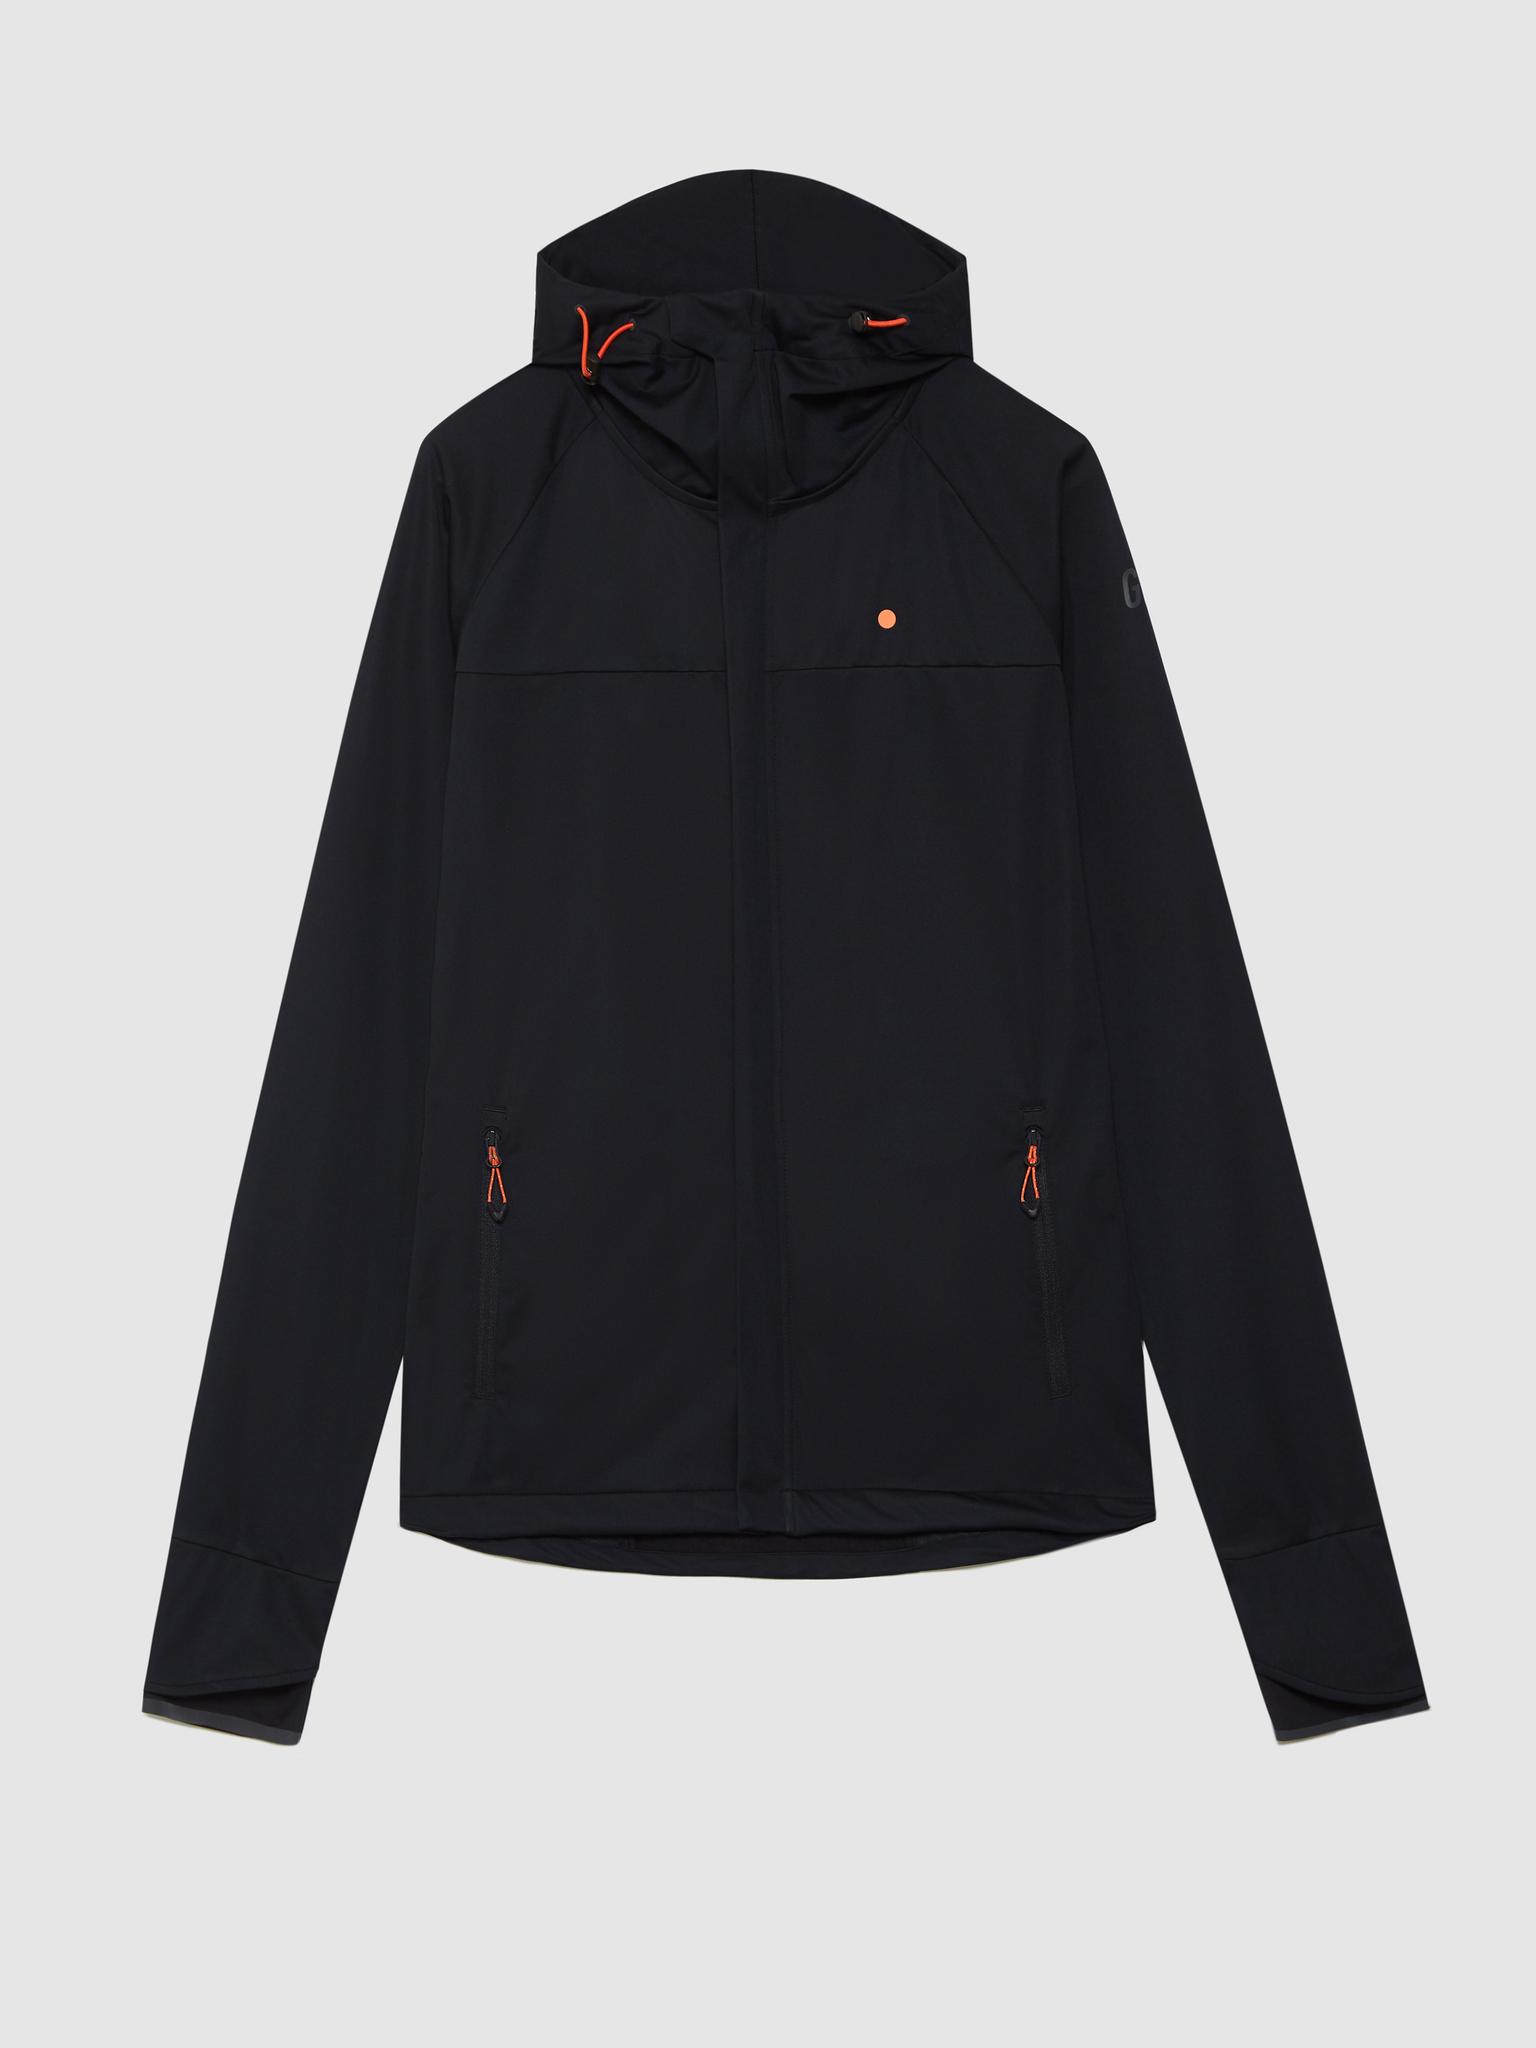 Куртка мужская Gri Темп чёрная